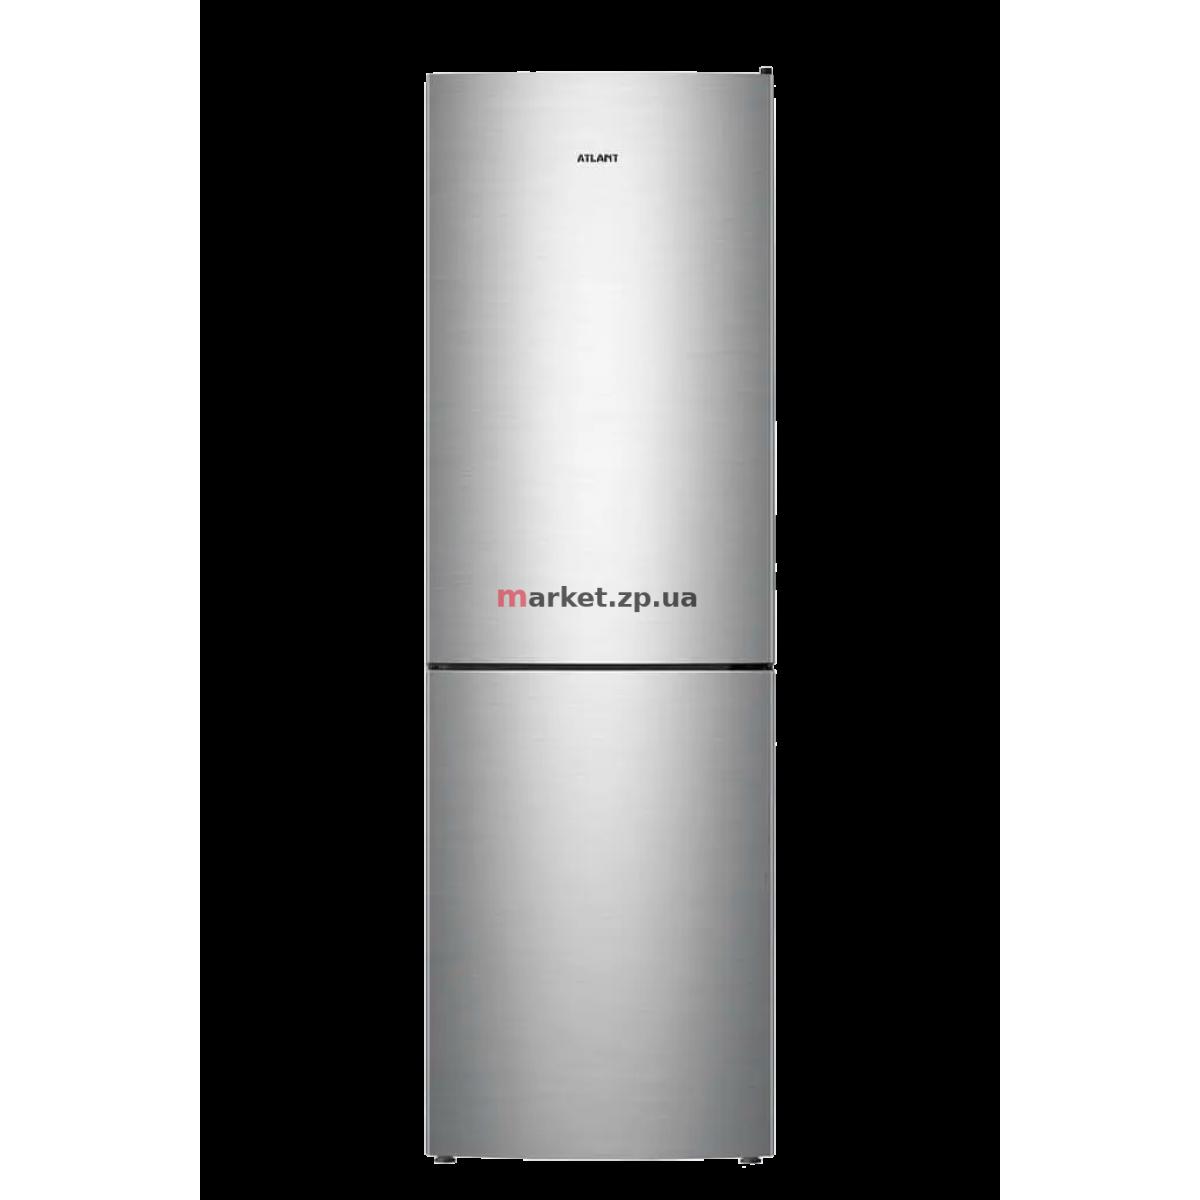 Холодильник ATLANT XM-4621-541